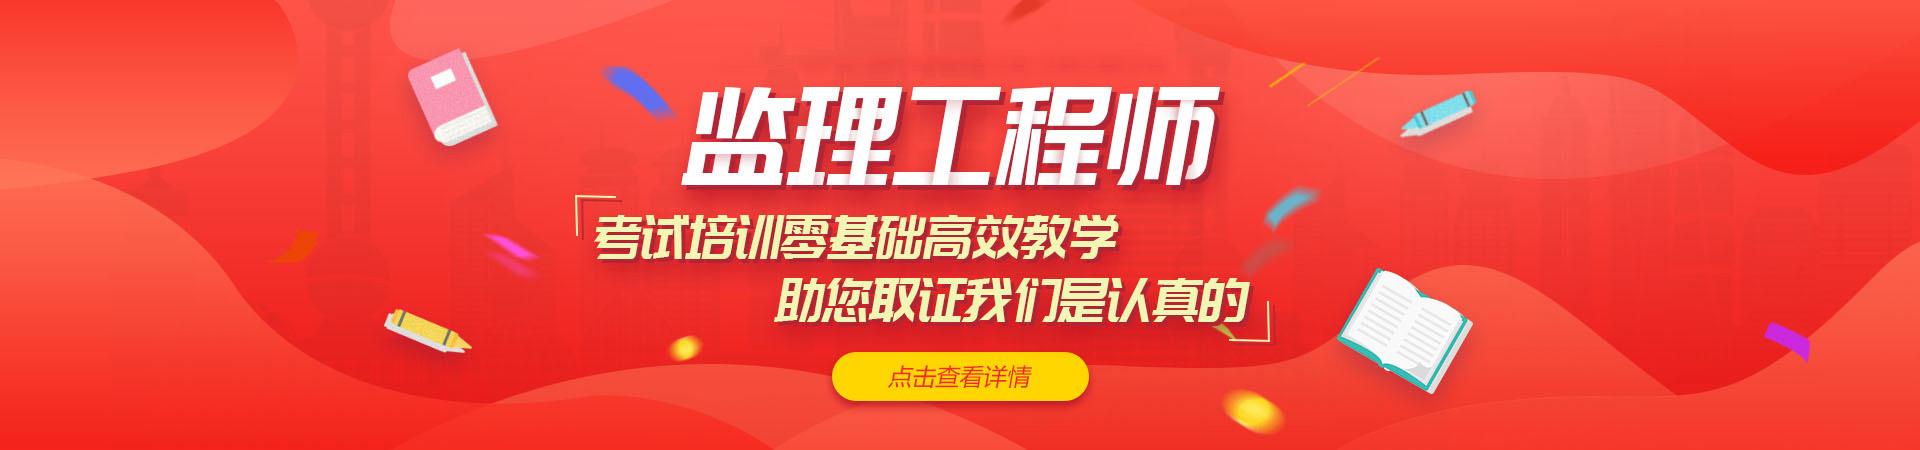 福建省监理工程师岗位培训条件